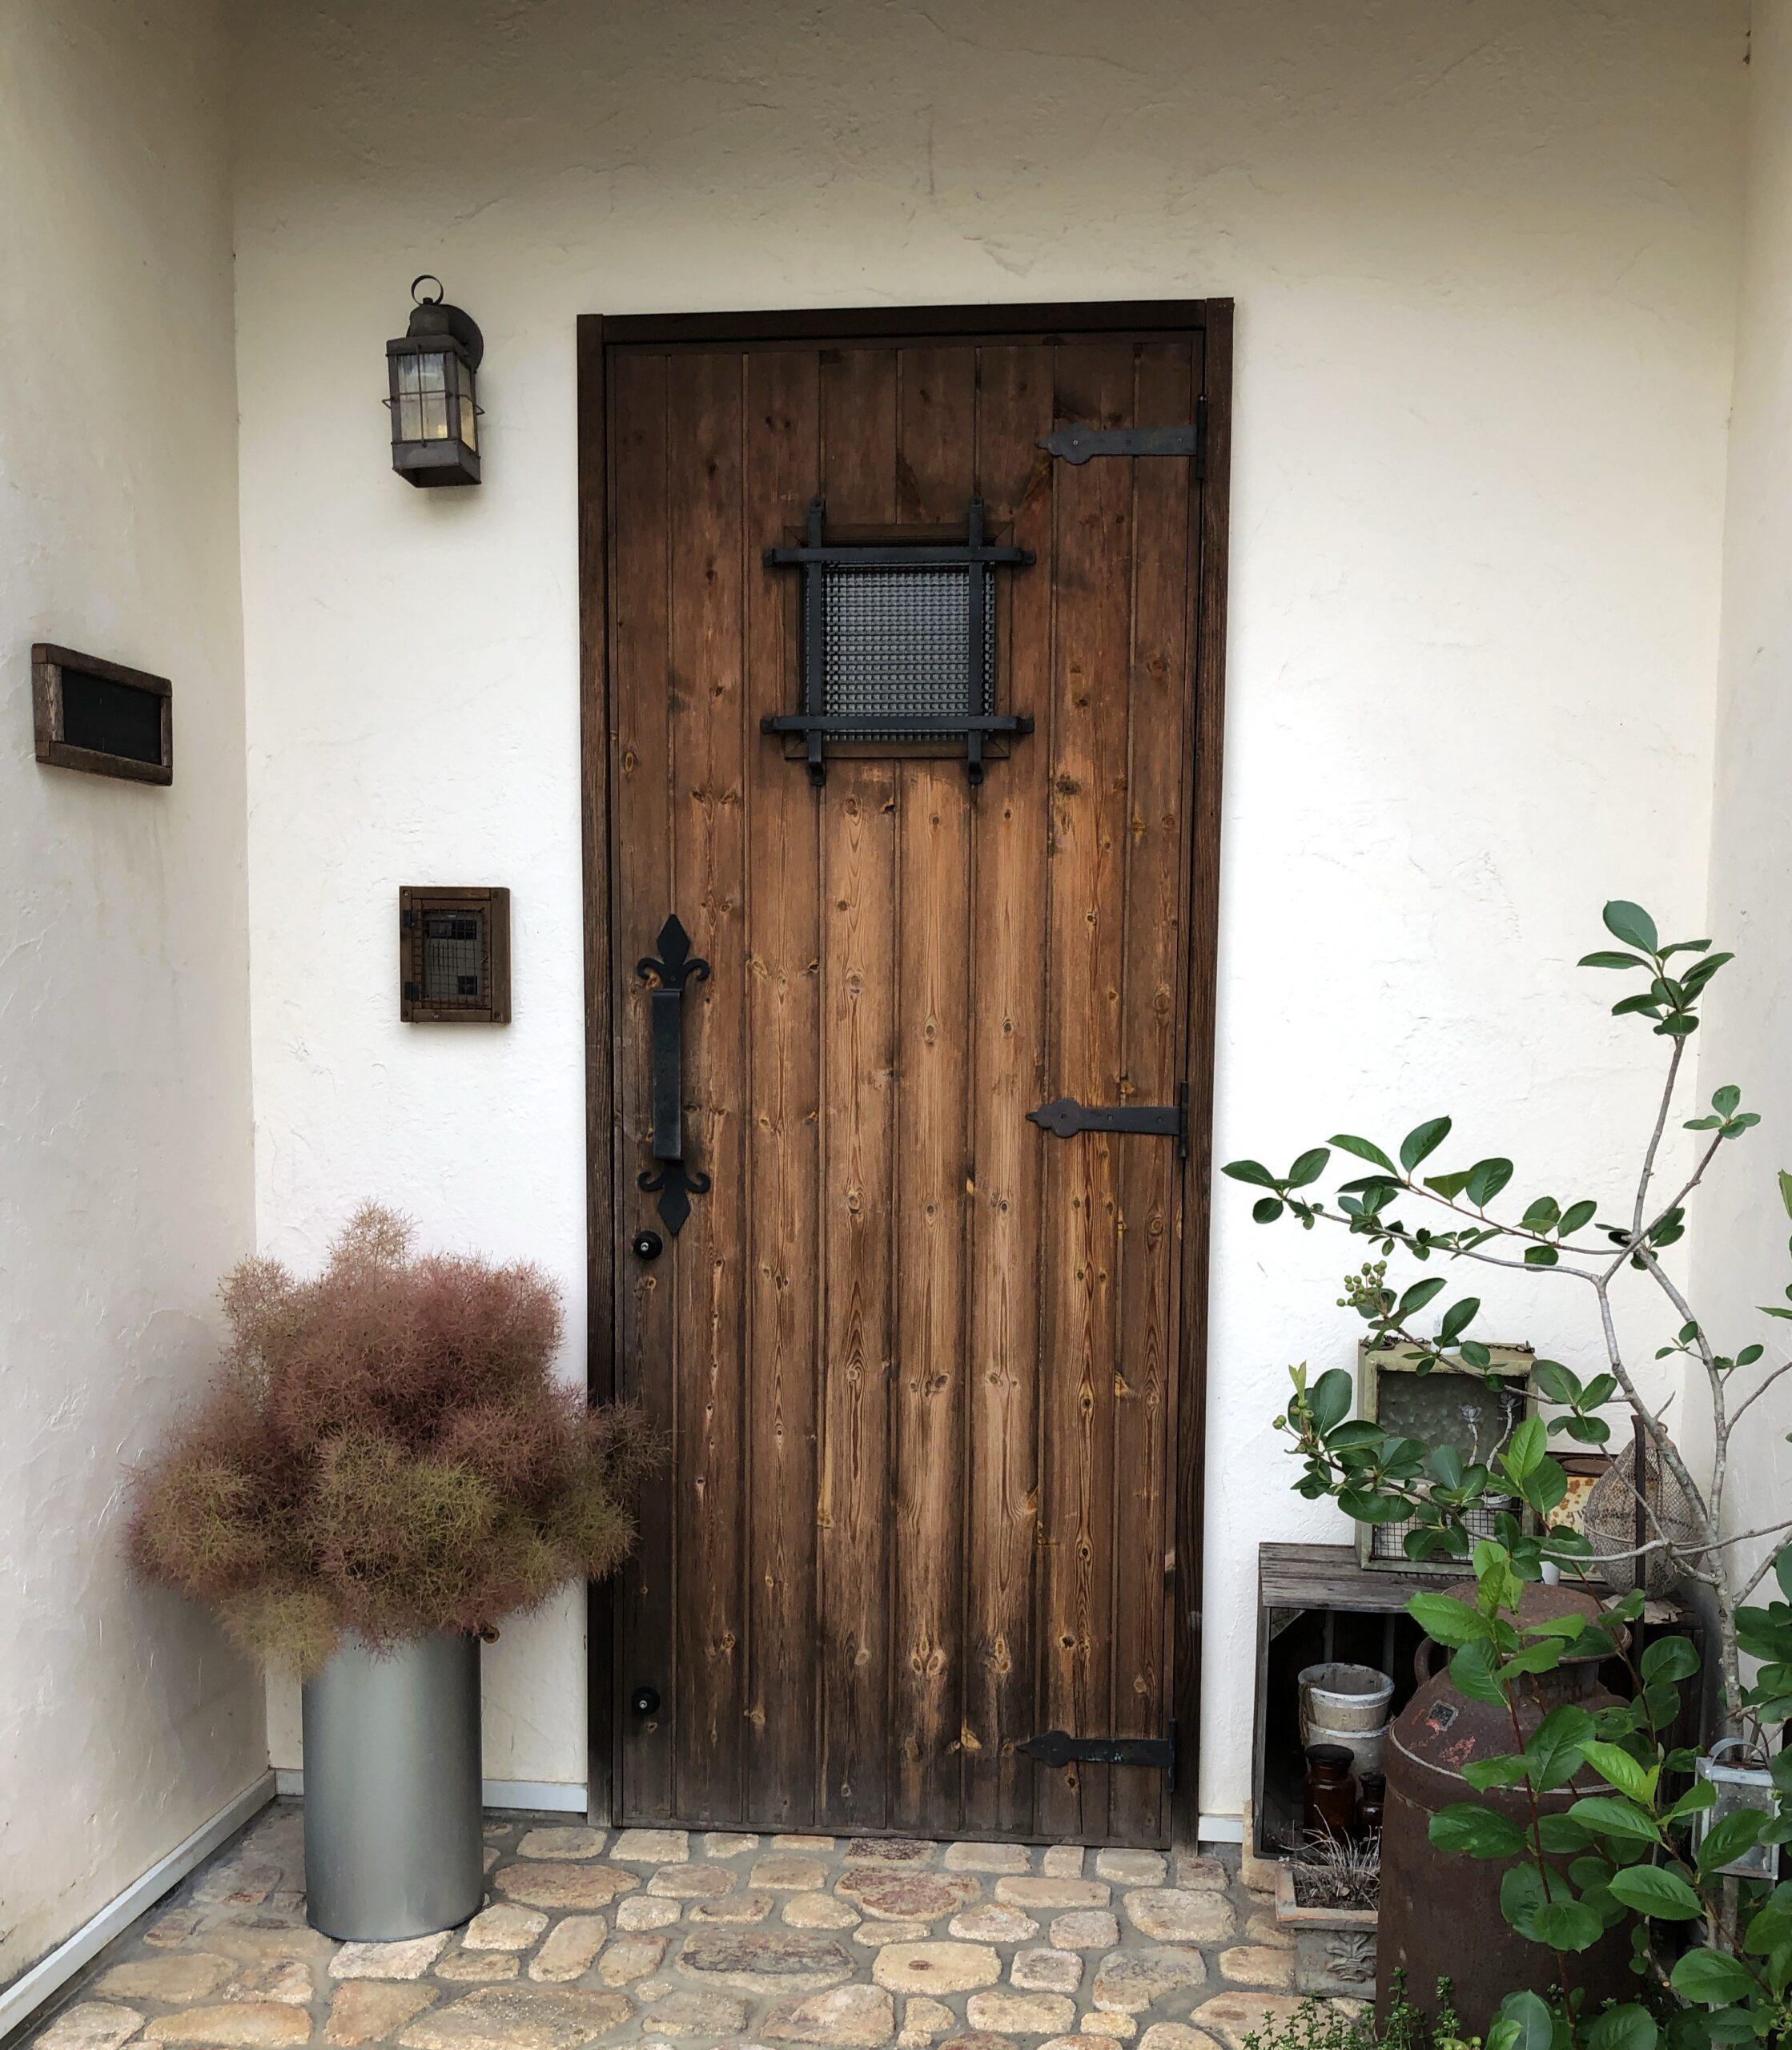 スモークツリーを玄関に飾った画像